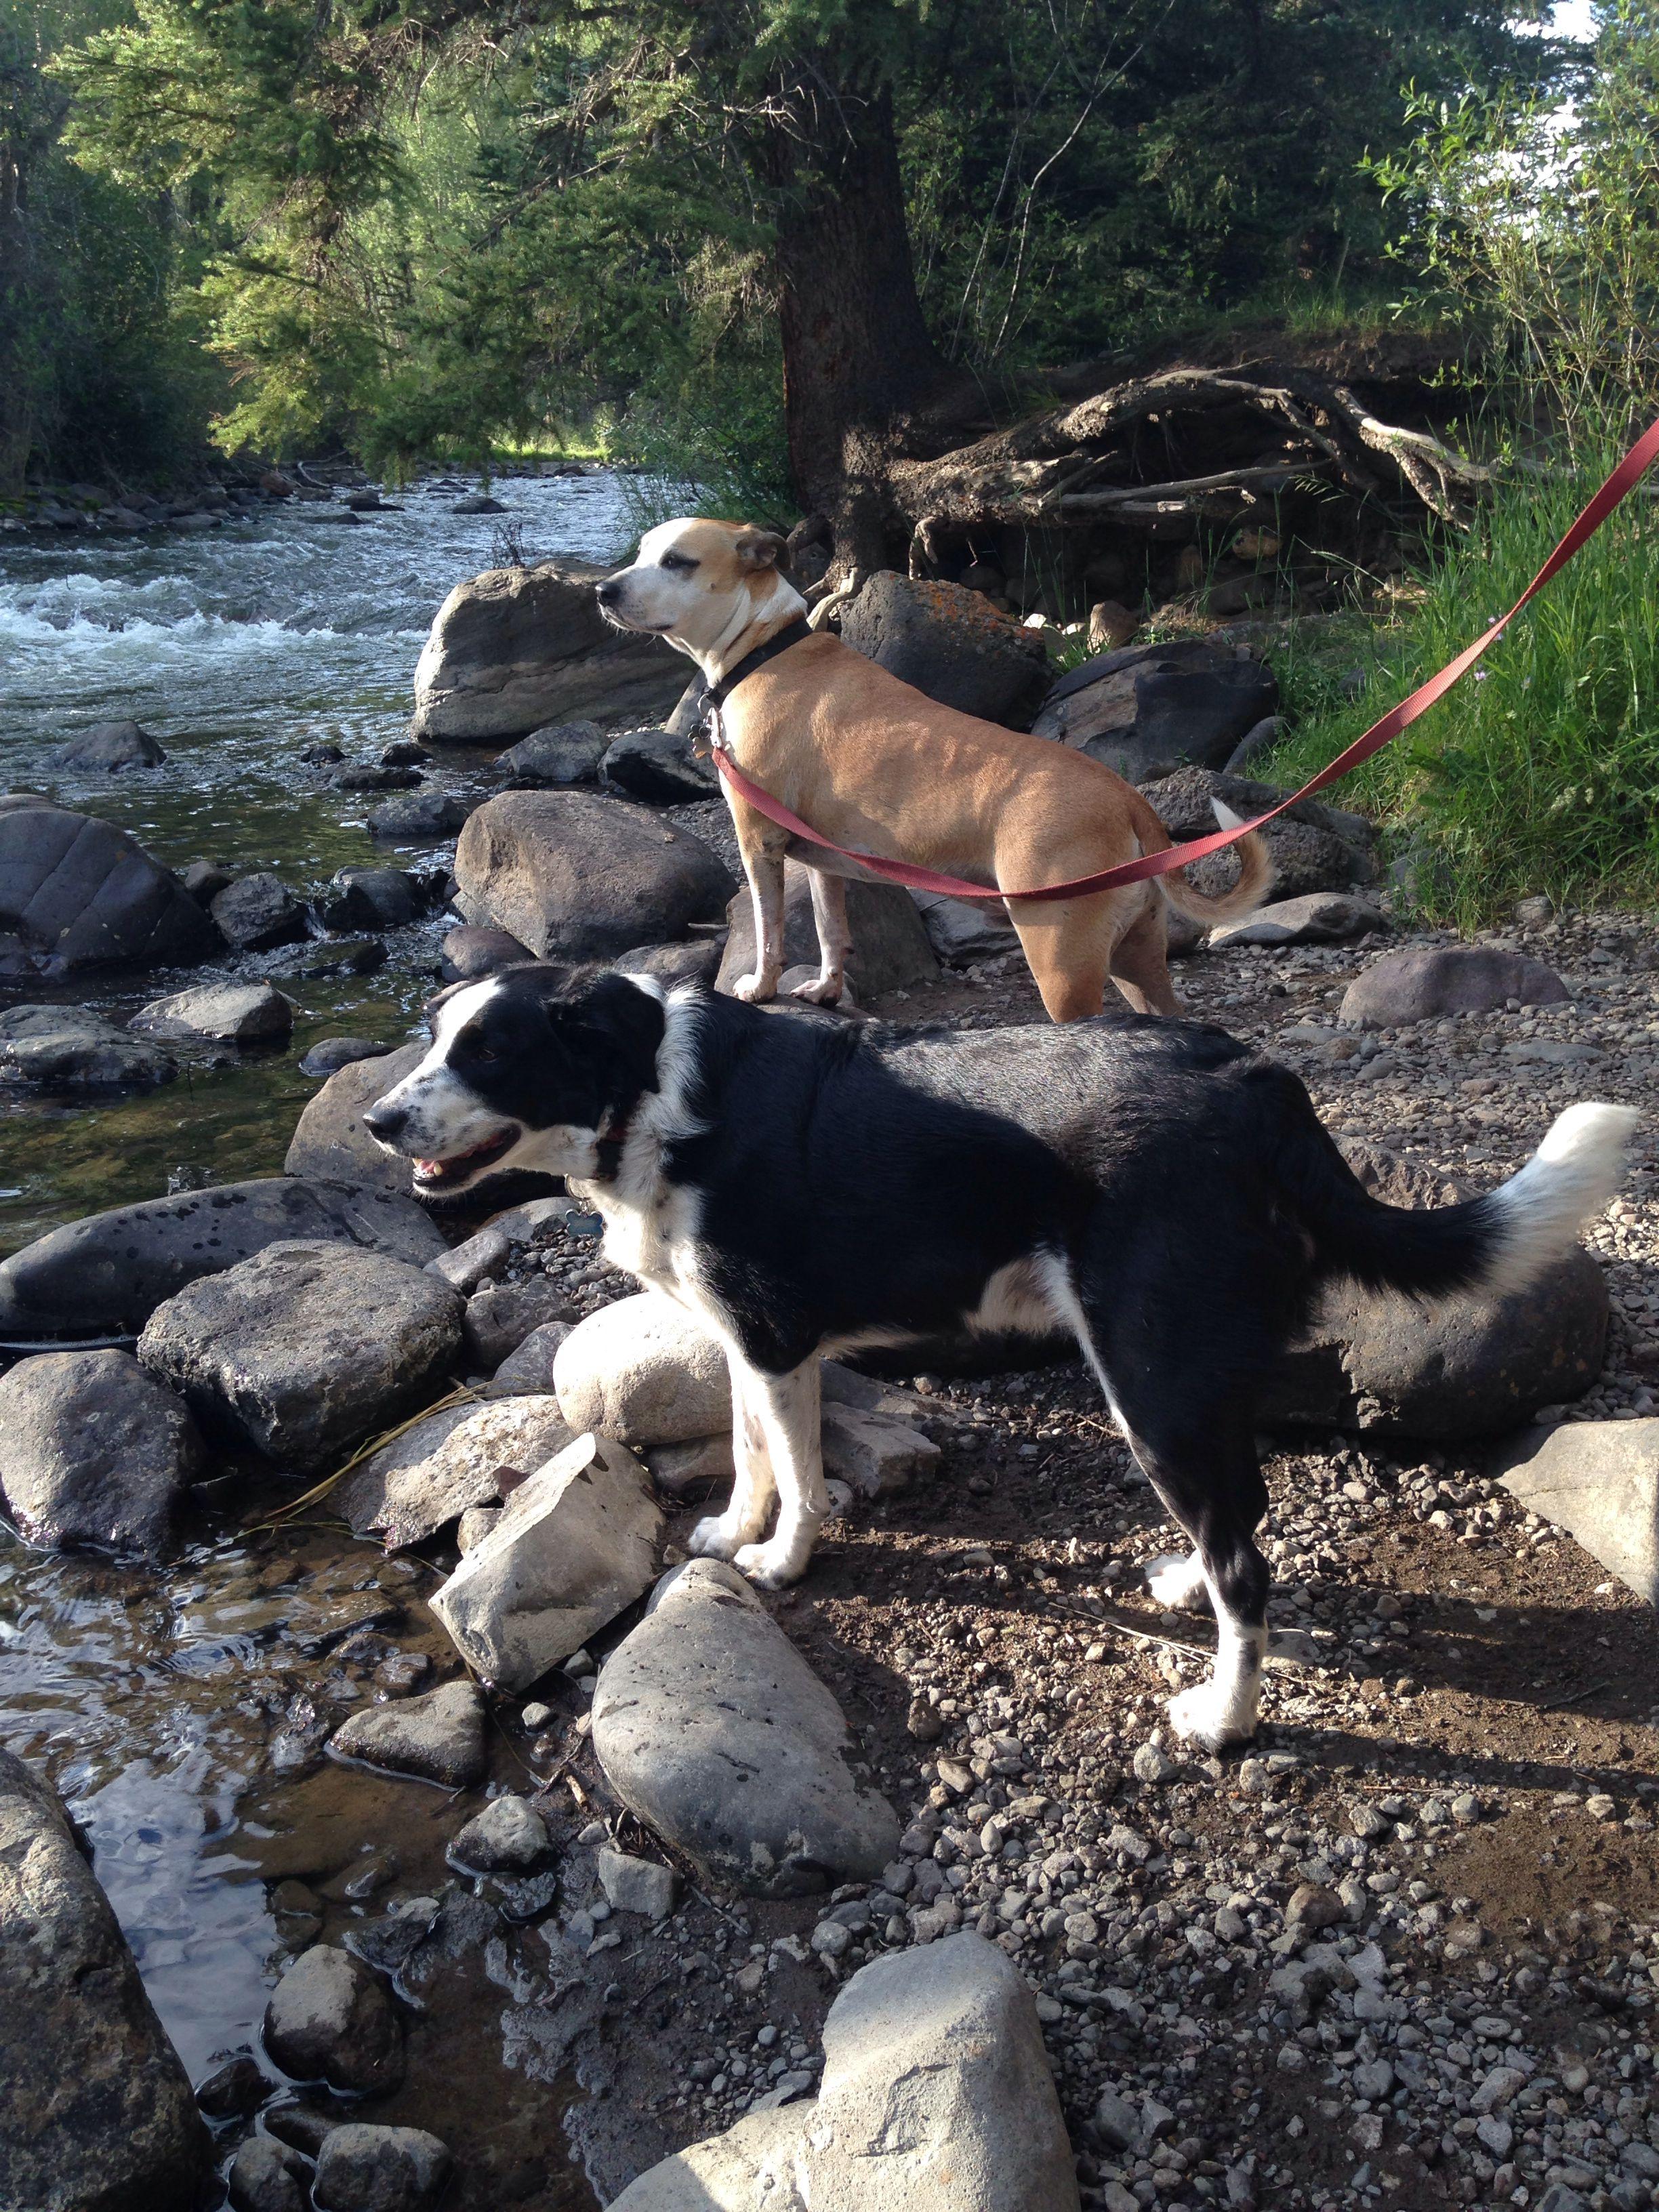 At the Conejos River, Colorado